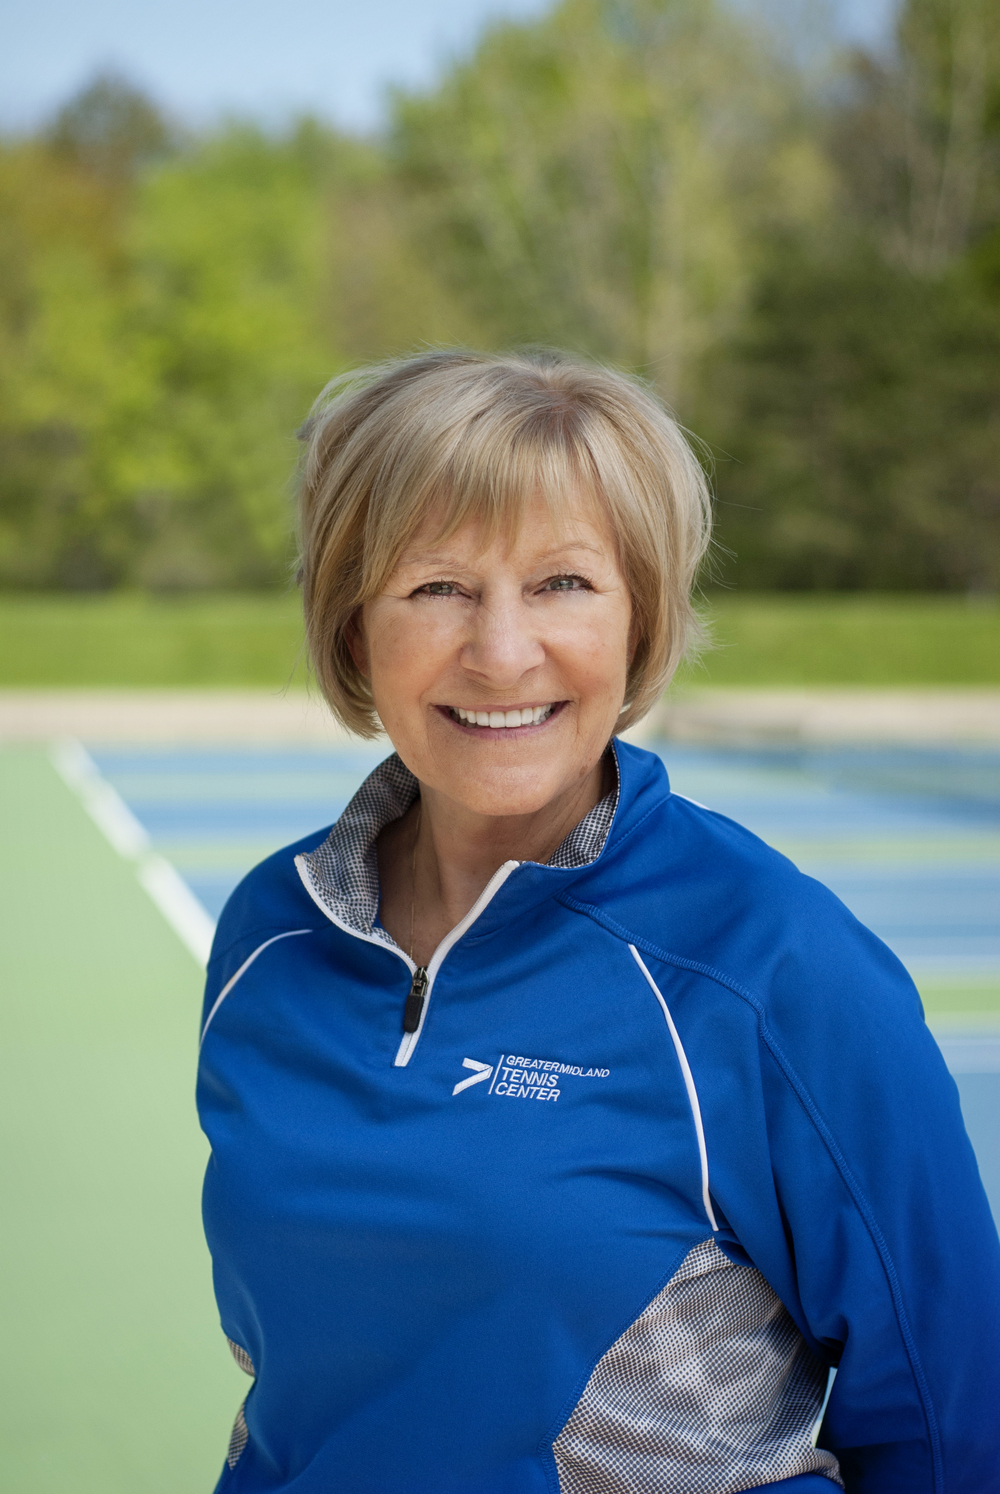 Susie Staloch Tennis Professional